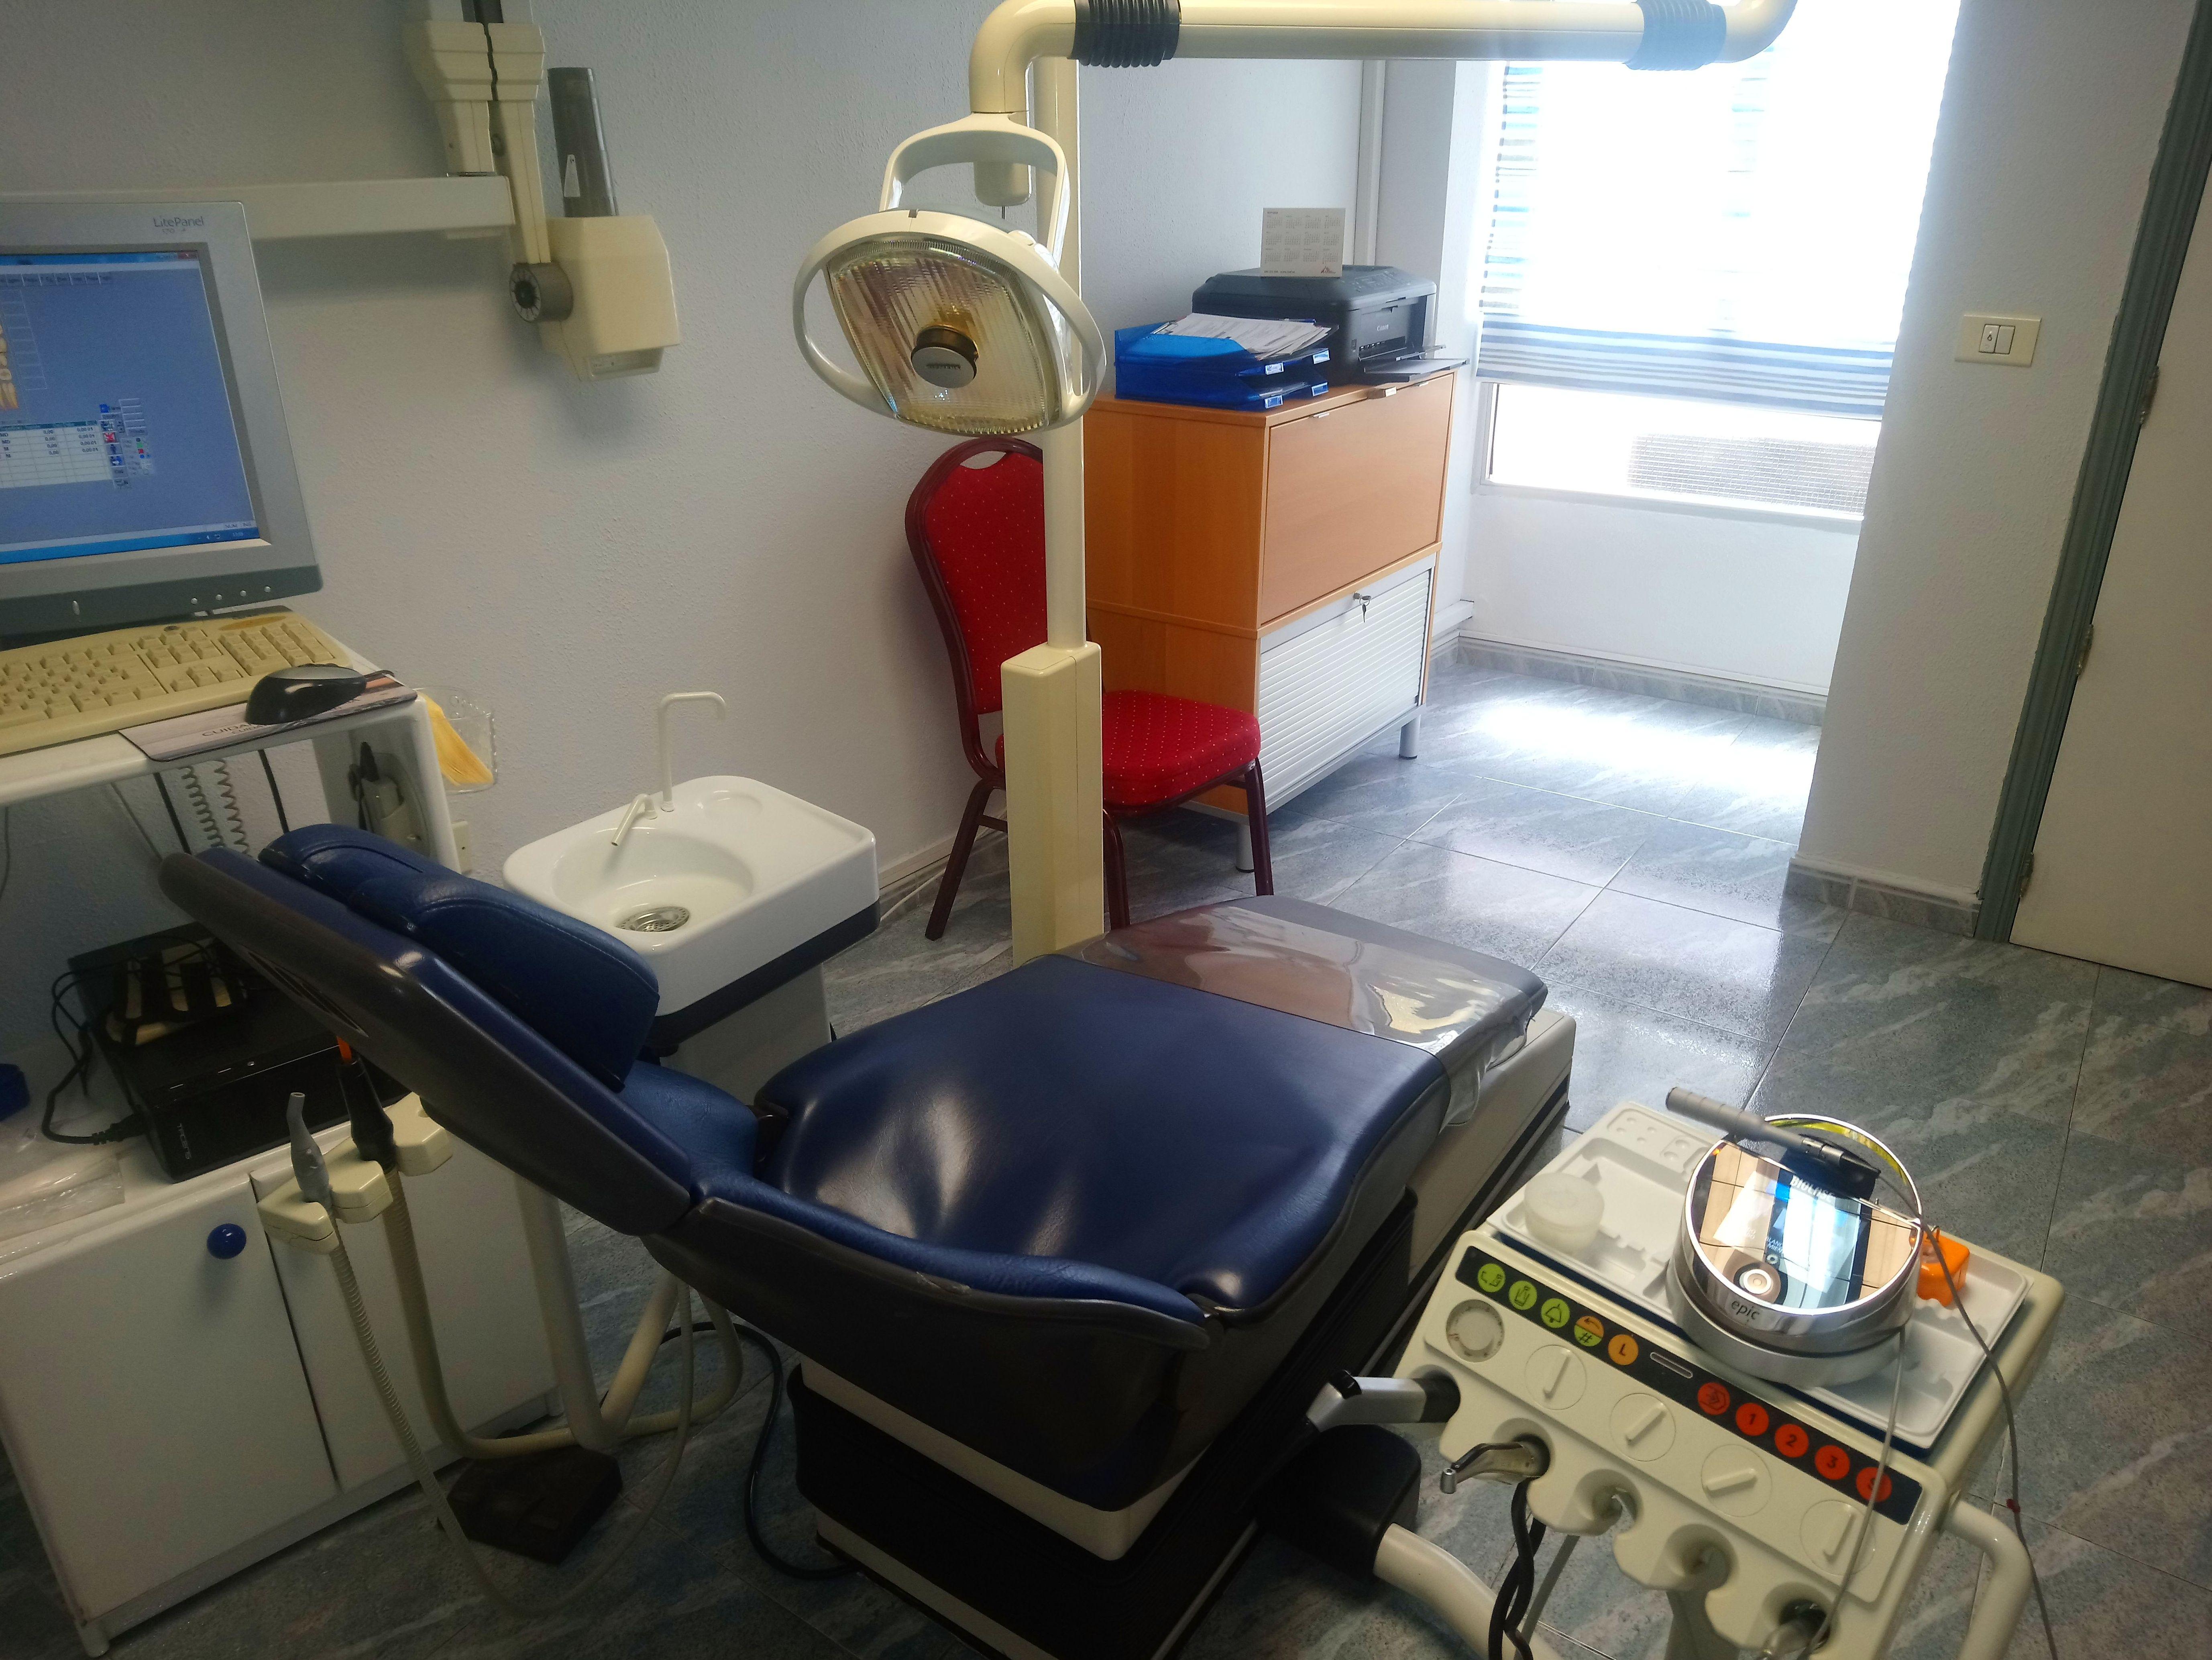 Foto 5 de Clínicas dentales en Santa Cruz de la Palma   Clínica Dental Dra. Belkys Hernández Cabrera